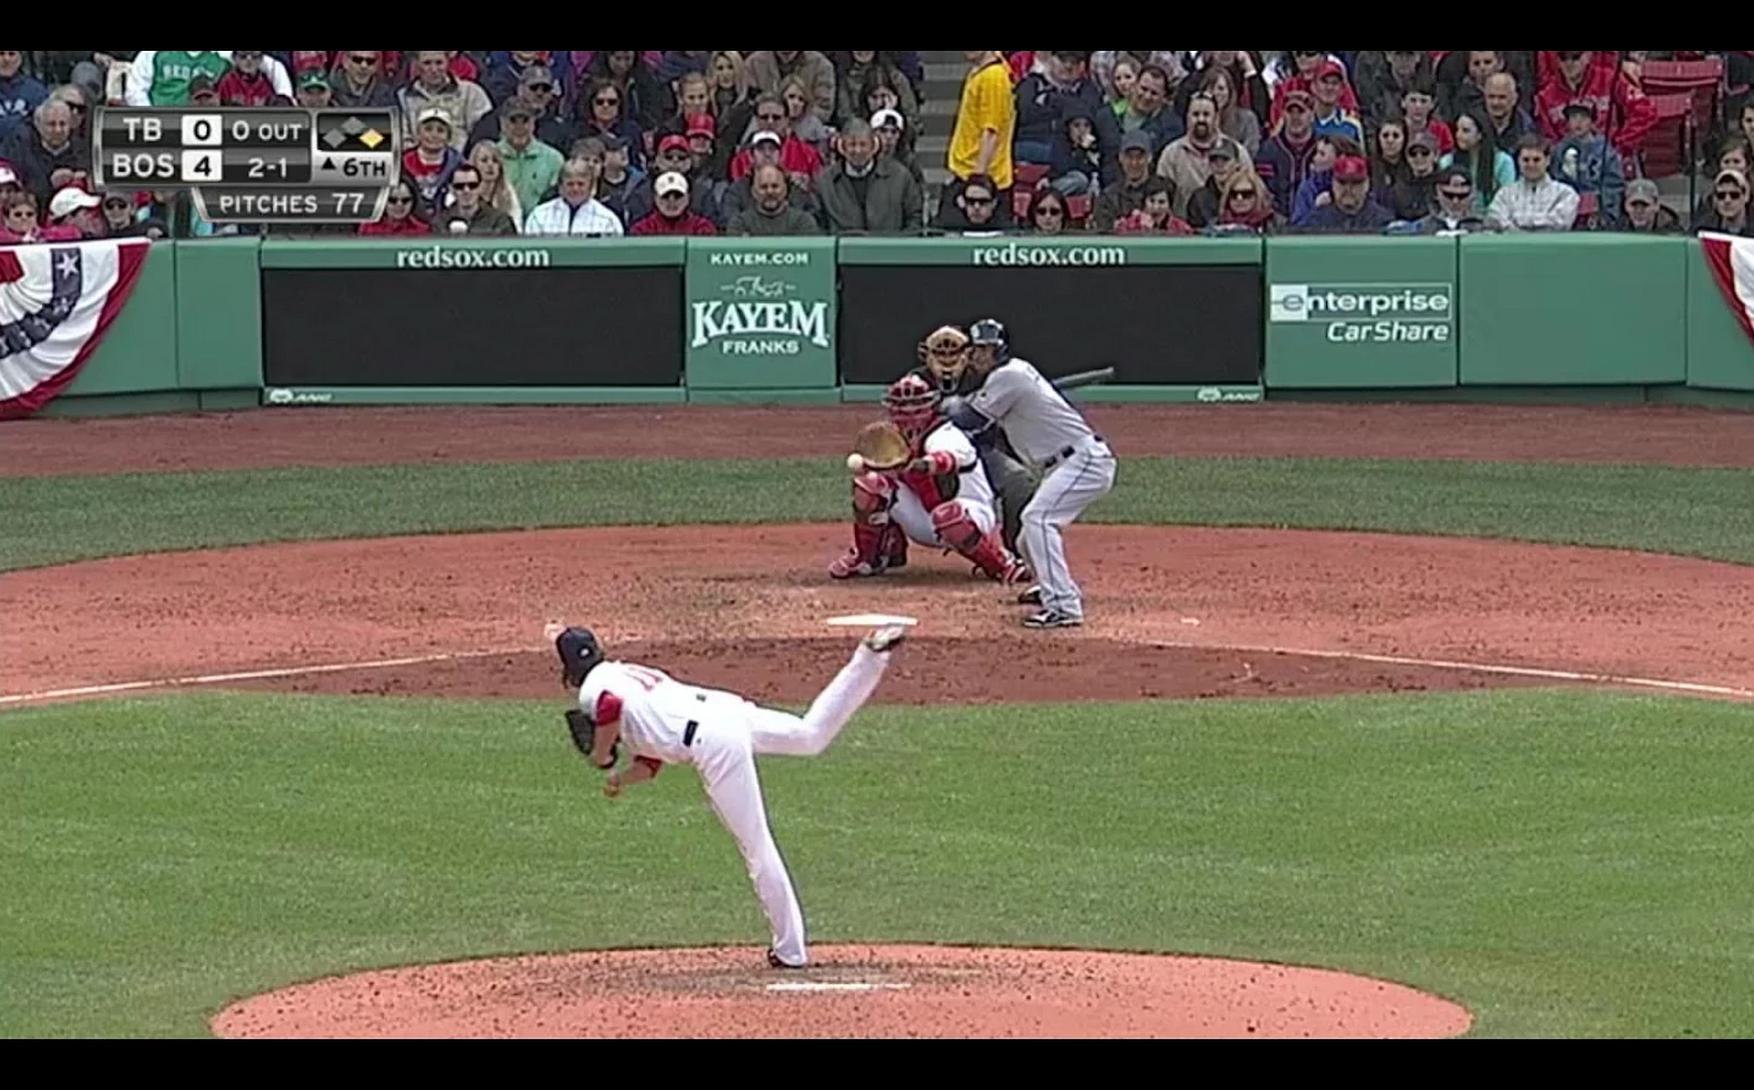 MLB-At-Bat-Android